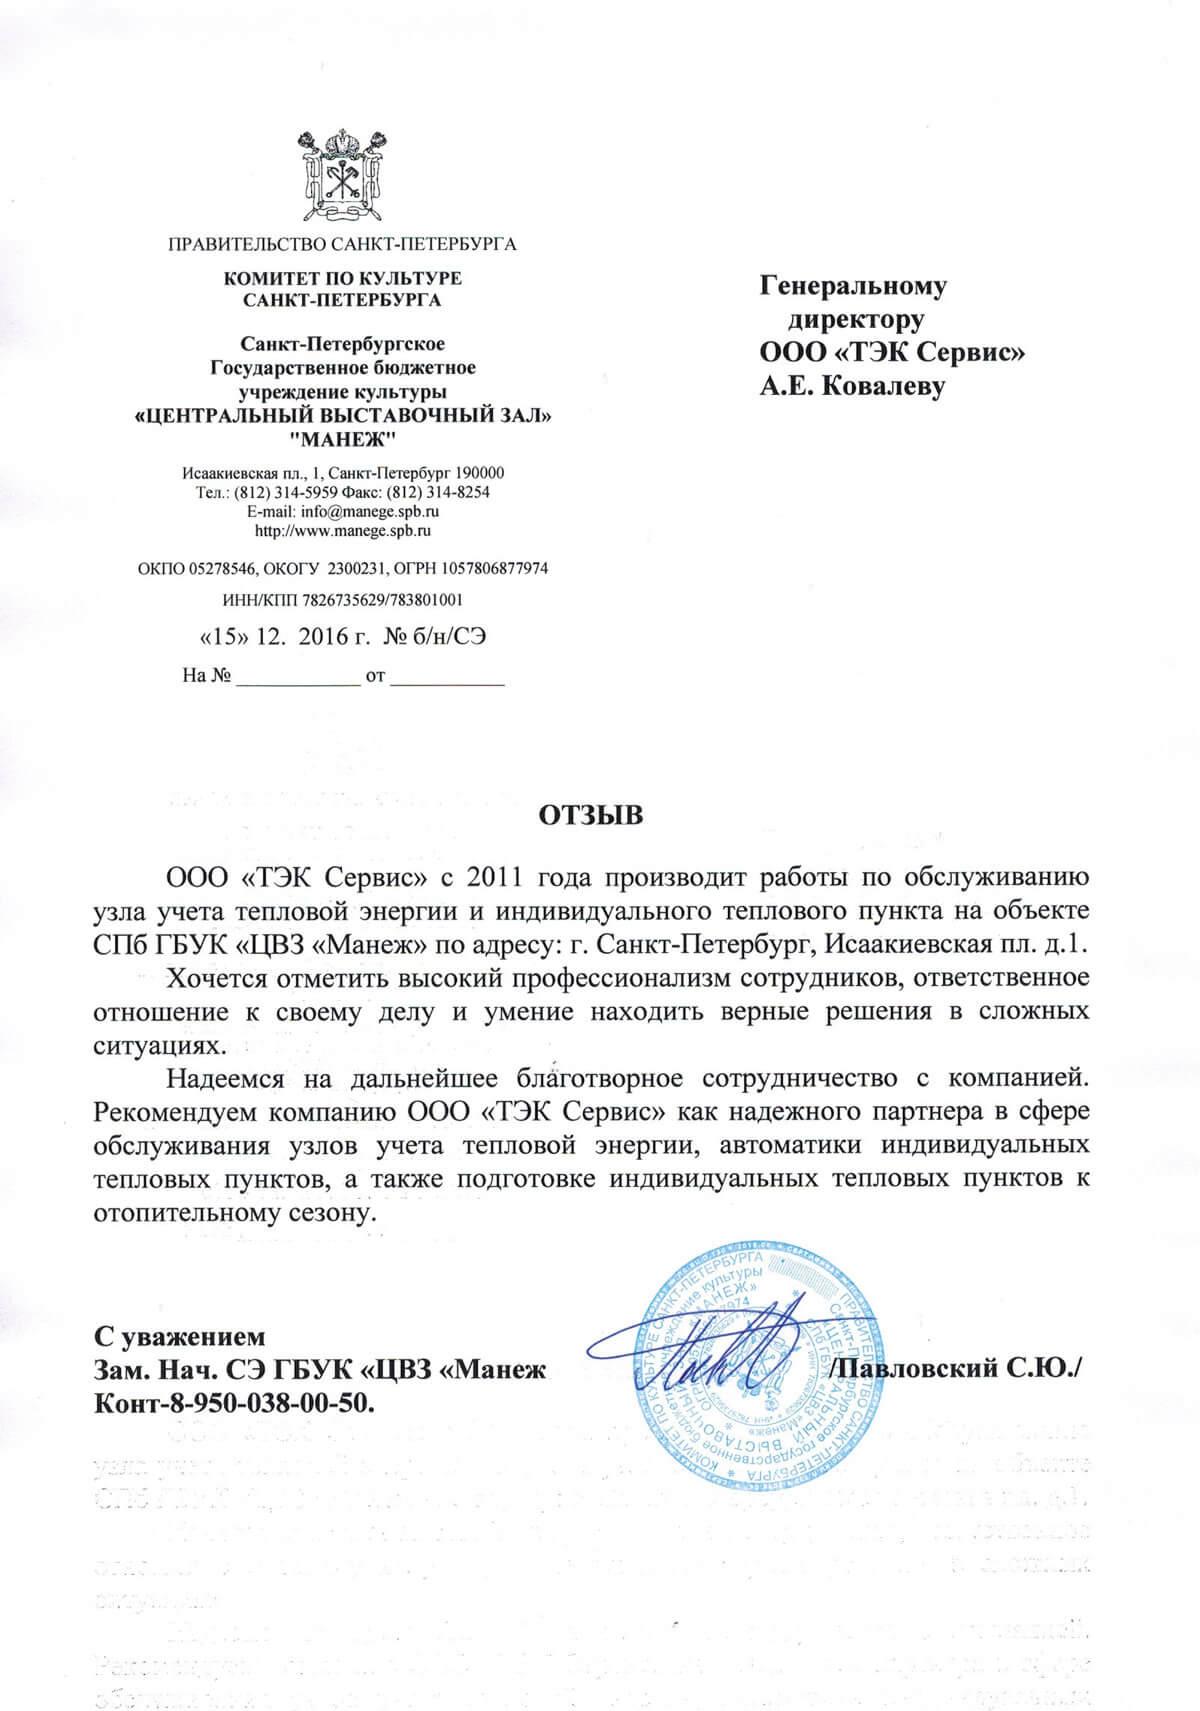 Отзыв о сотрудничестве с ТЭК-Сервис ГБУК «Центральный выстовочный зал «Манеж»